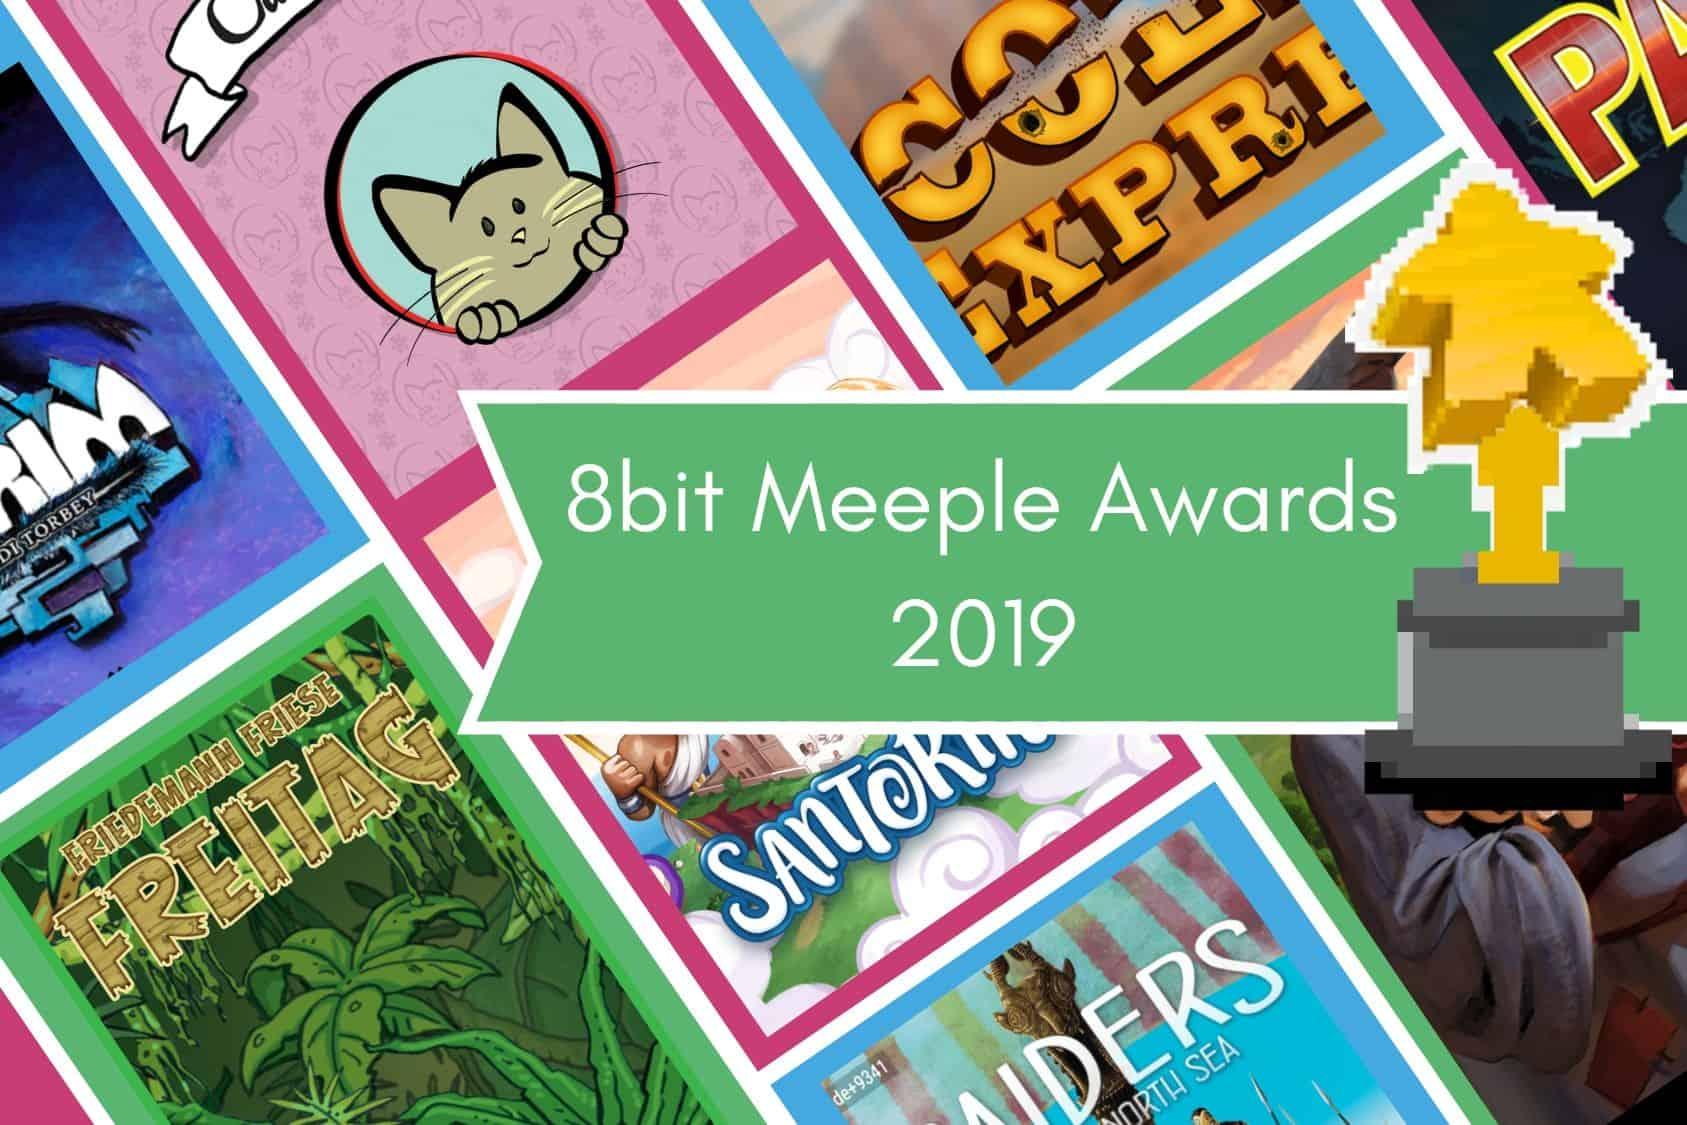 8bitmeeple Awards 2019